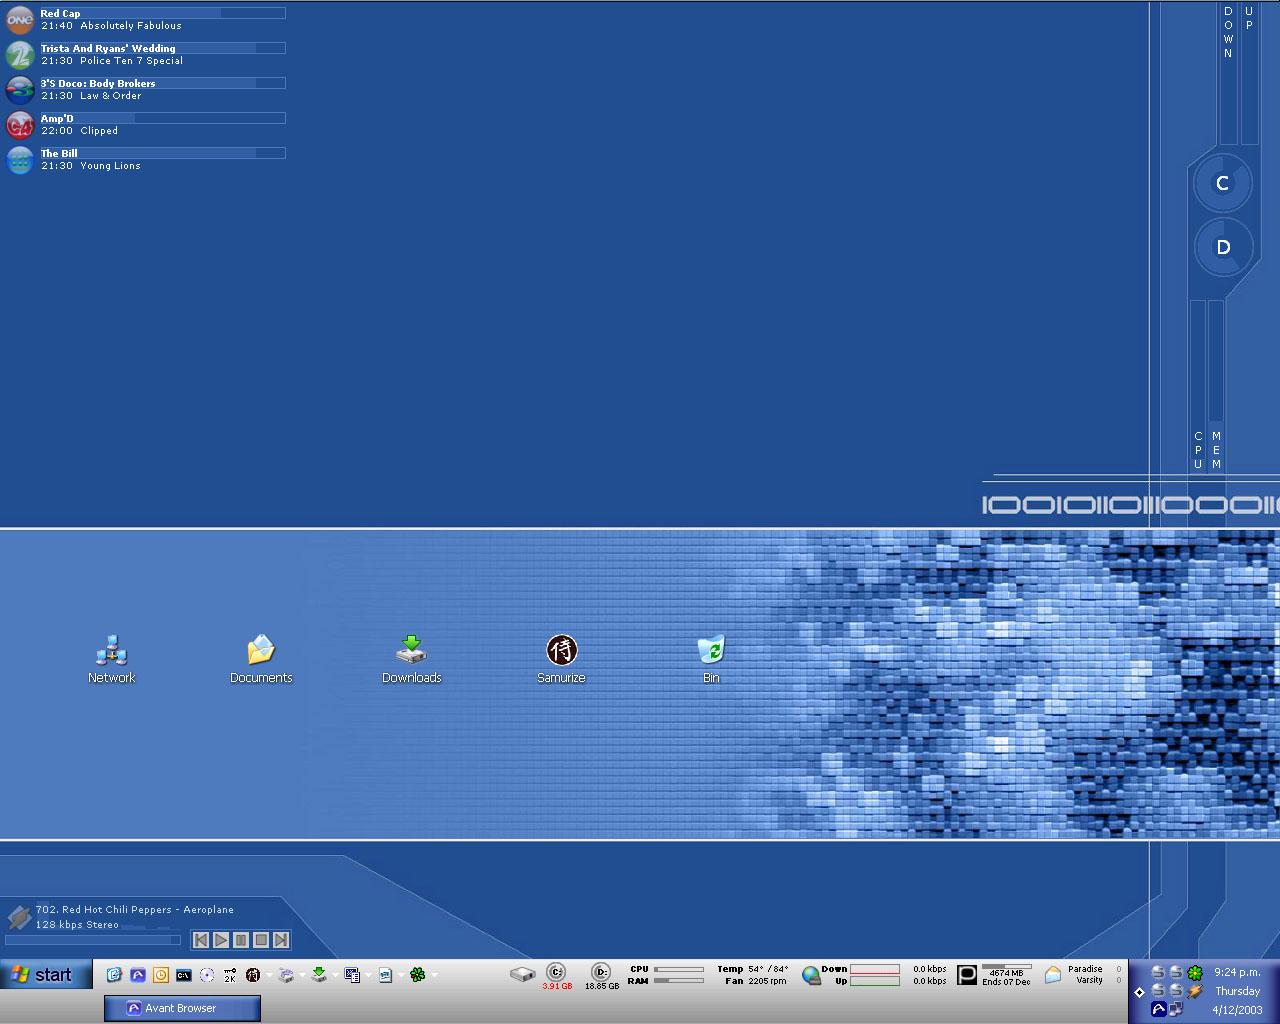 Title: NeM Desktop 2.1